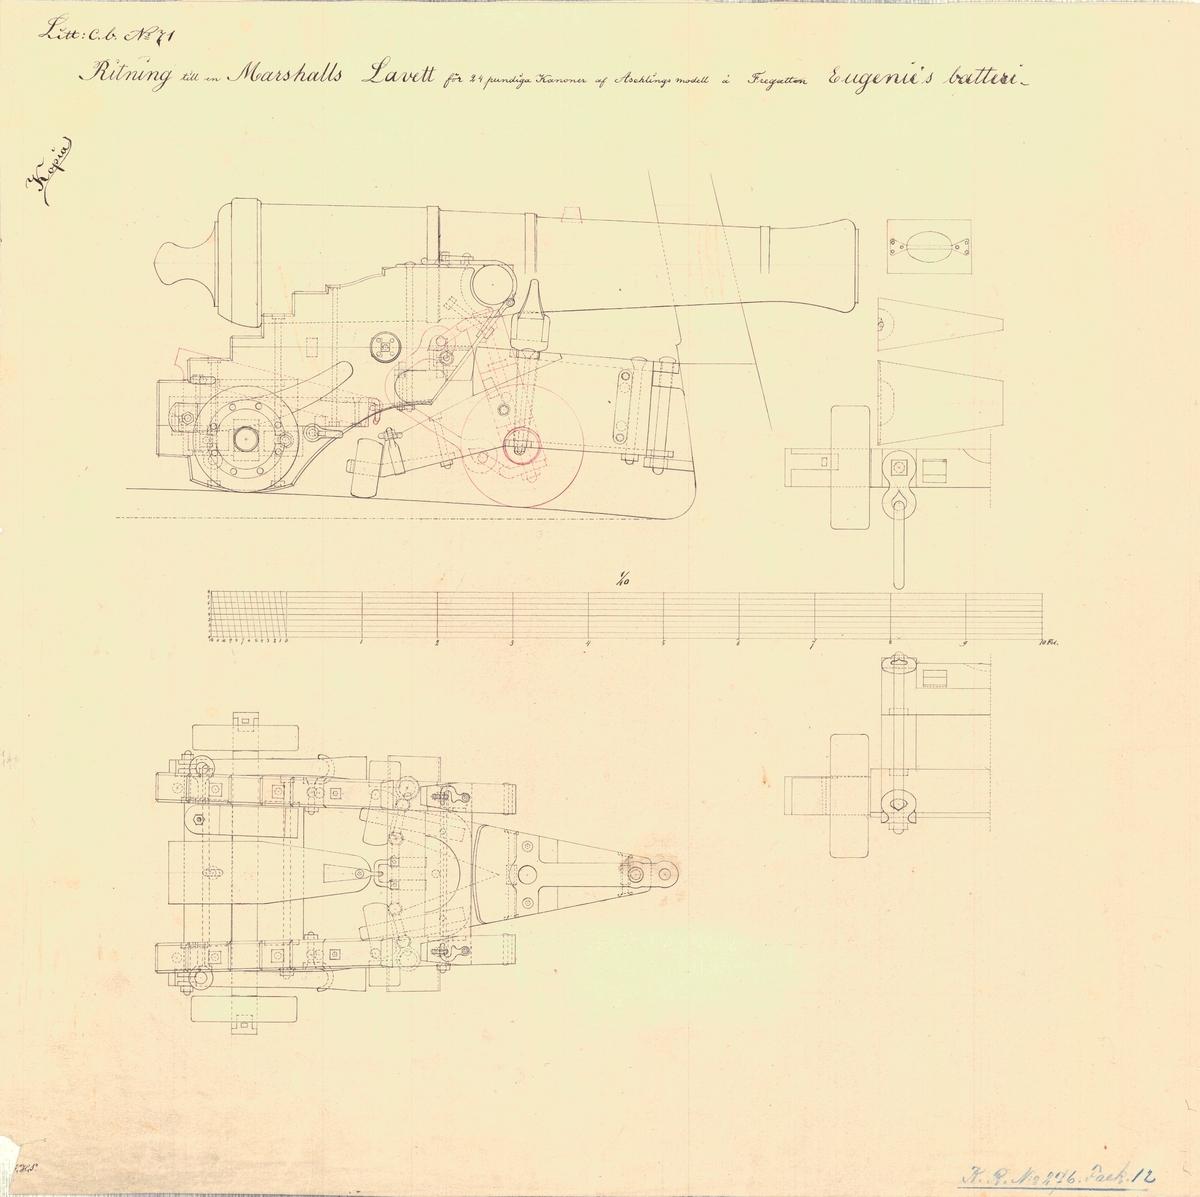 Ritning till en Marshalls lavett för 24 pundiga kanoner av Aschling modell å fregatten Eugenies batteri